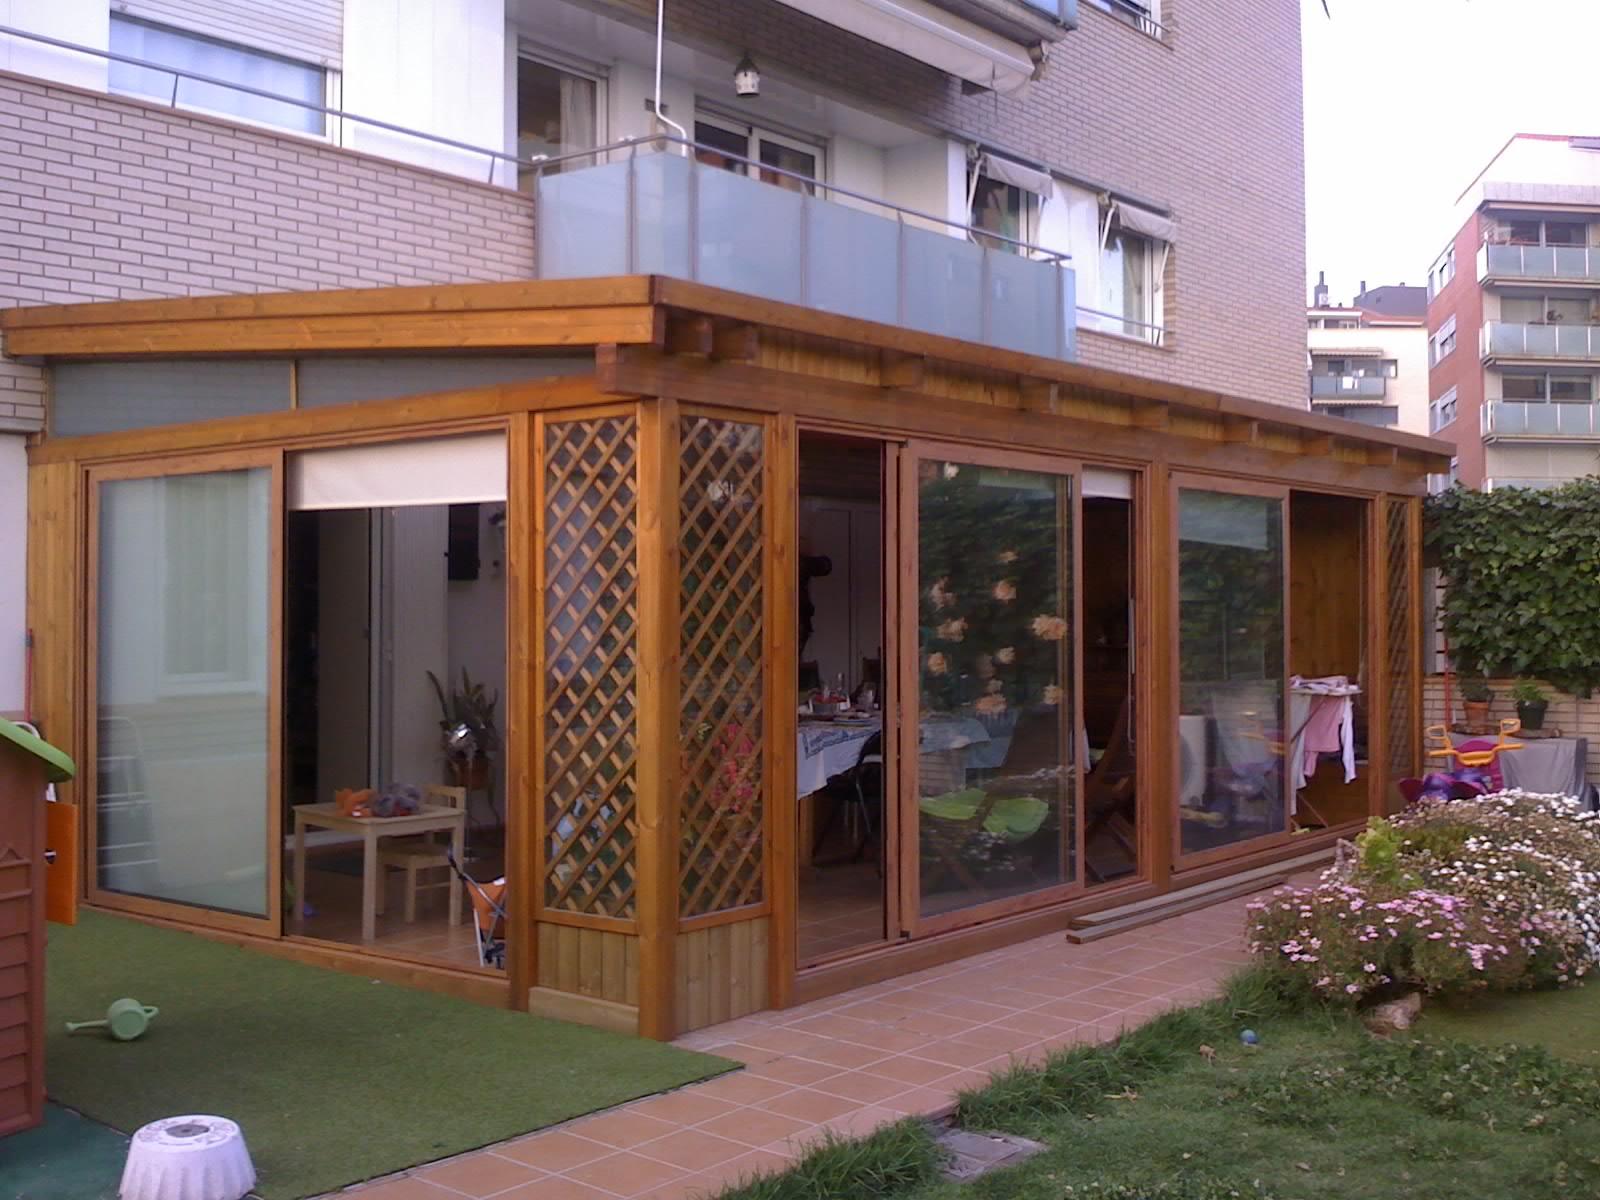 Cristaleriabcn cristaleros y carpinteria de aluminio en for Cortinas para terrazas acristaladas